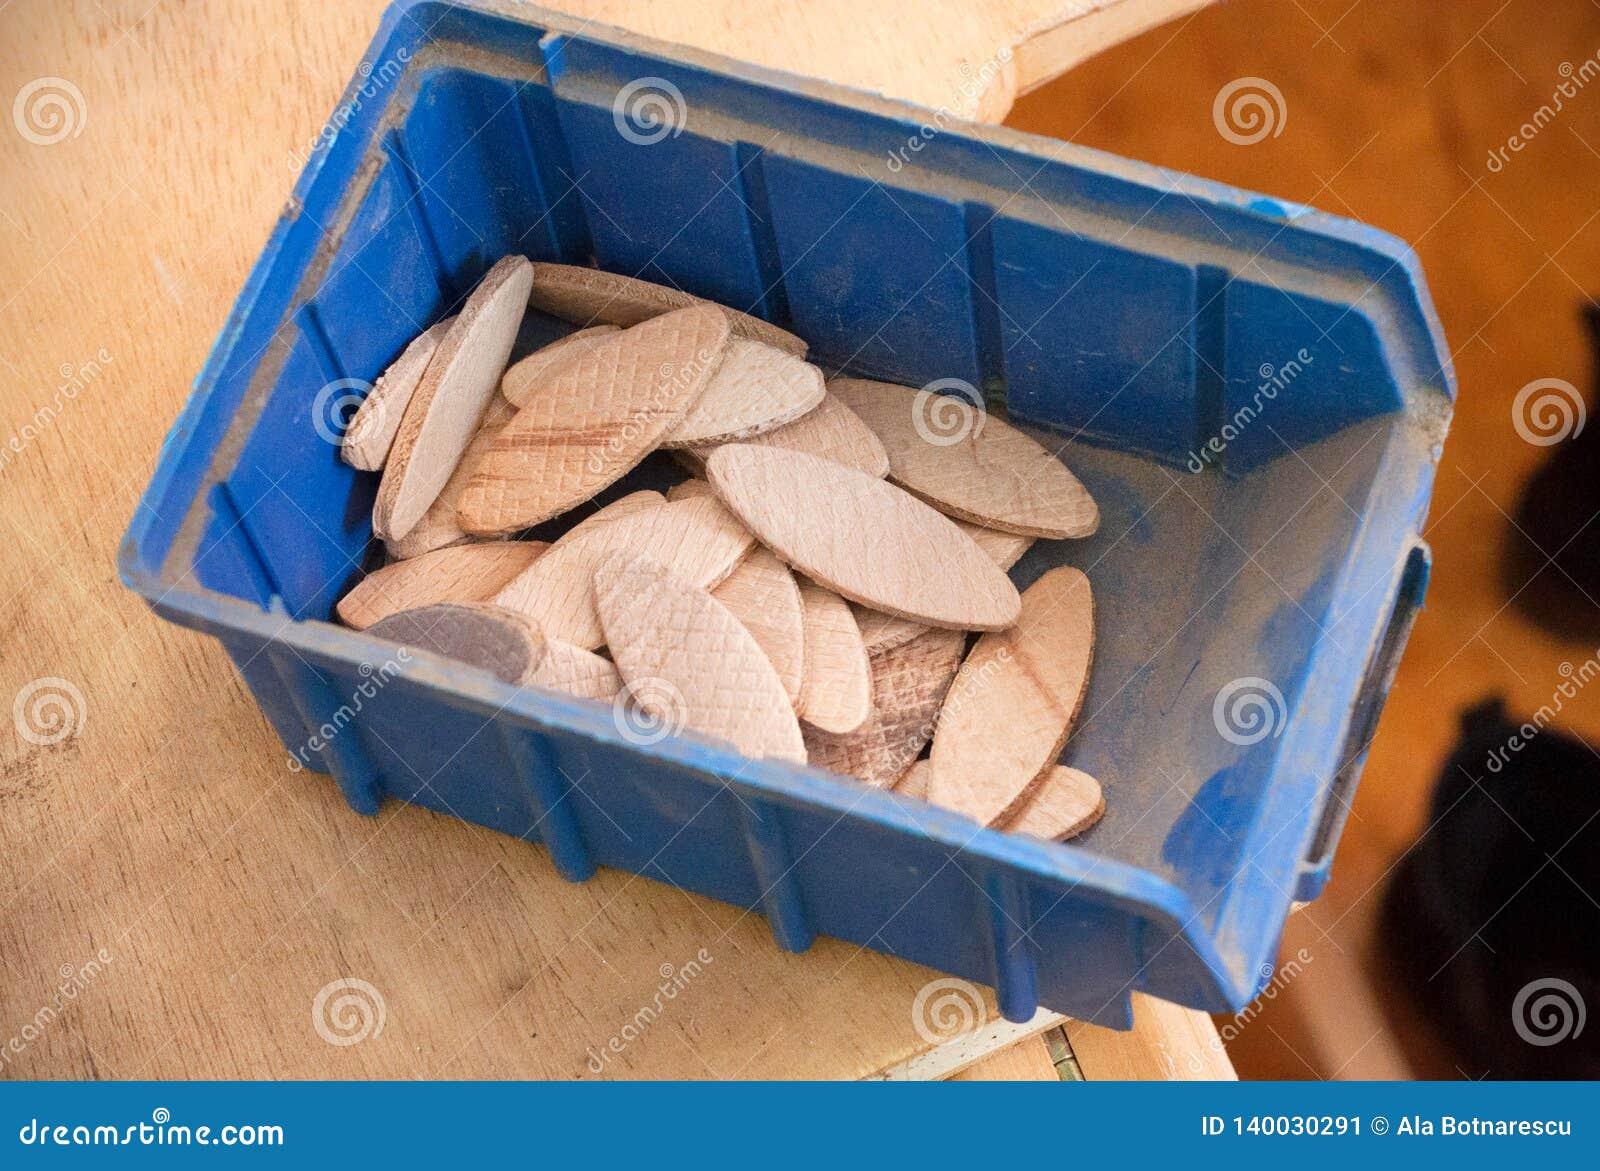 Komprimierter Buchenholzkeks in einem blauen Plastikbehälter